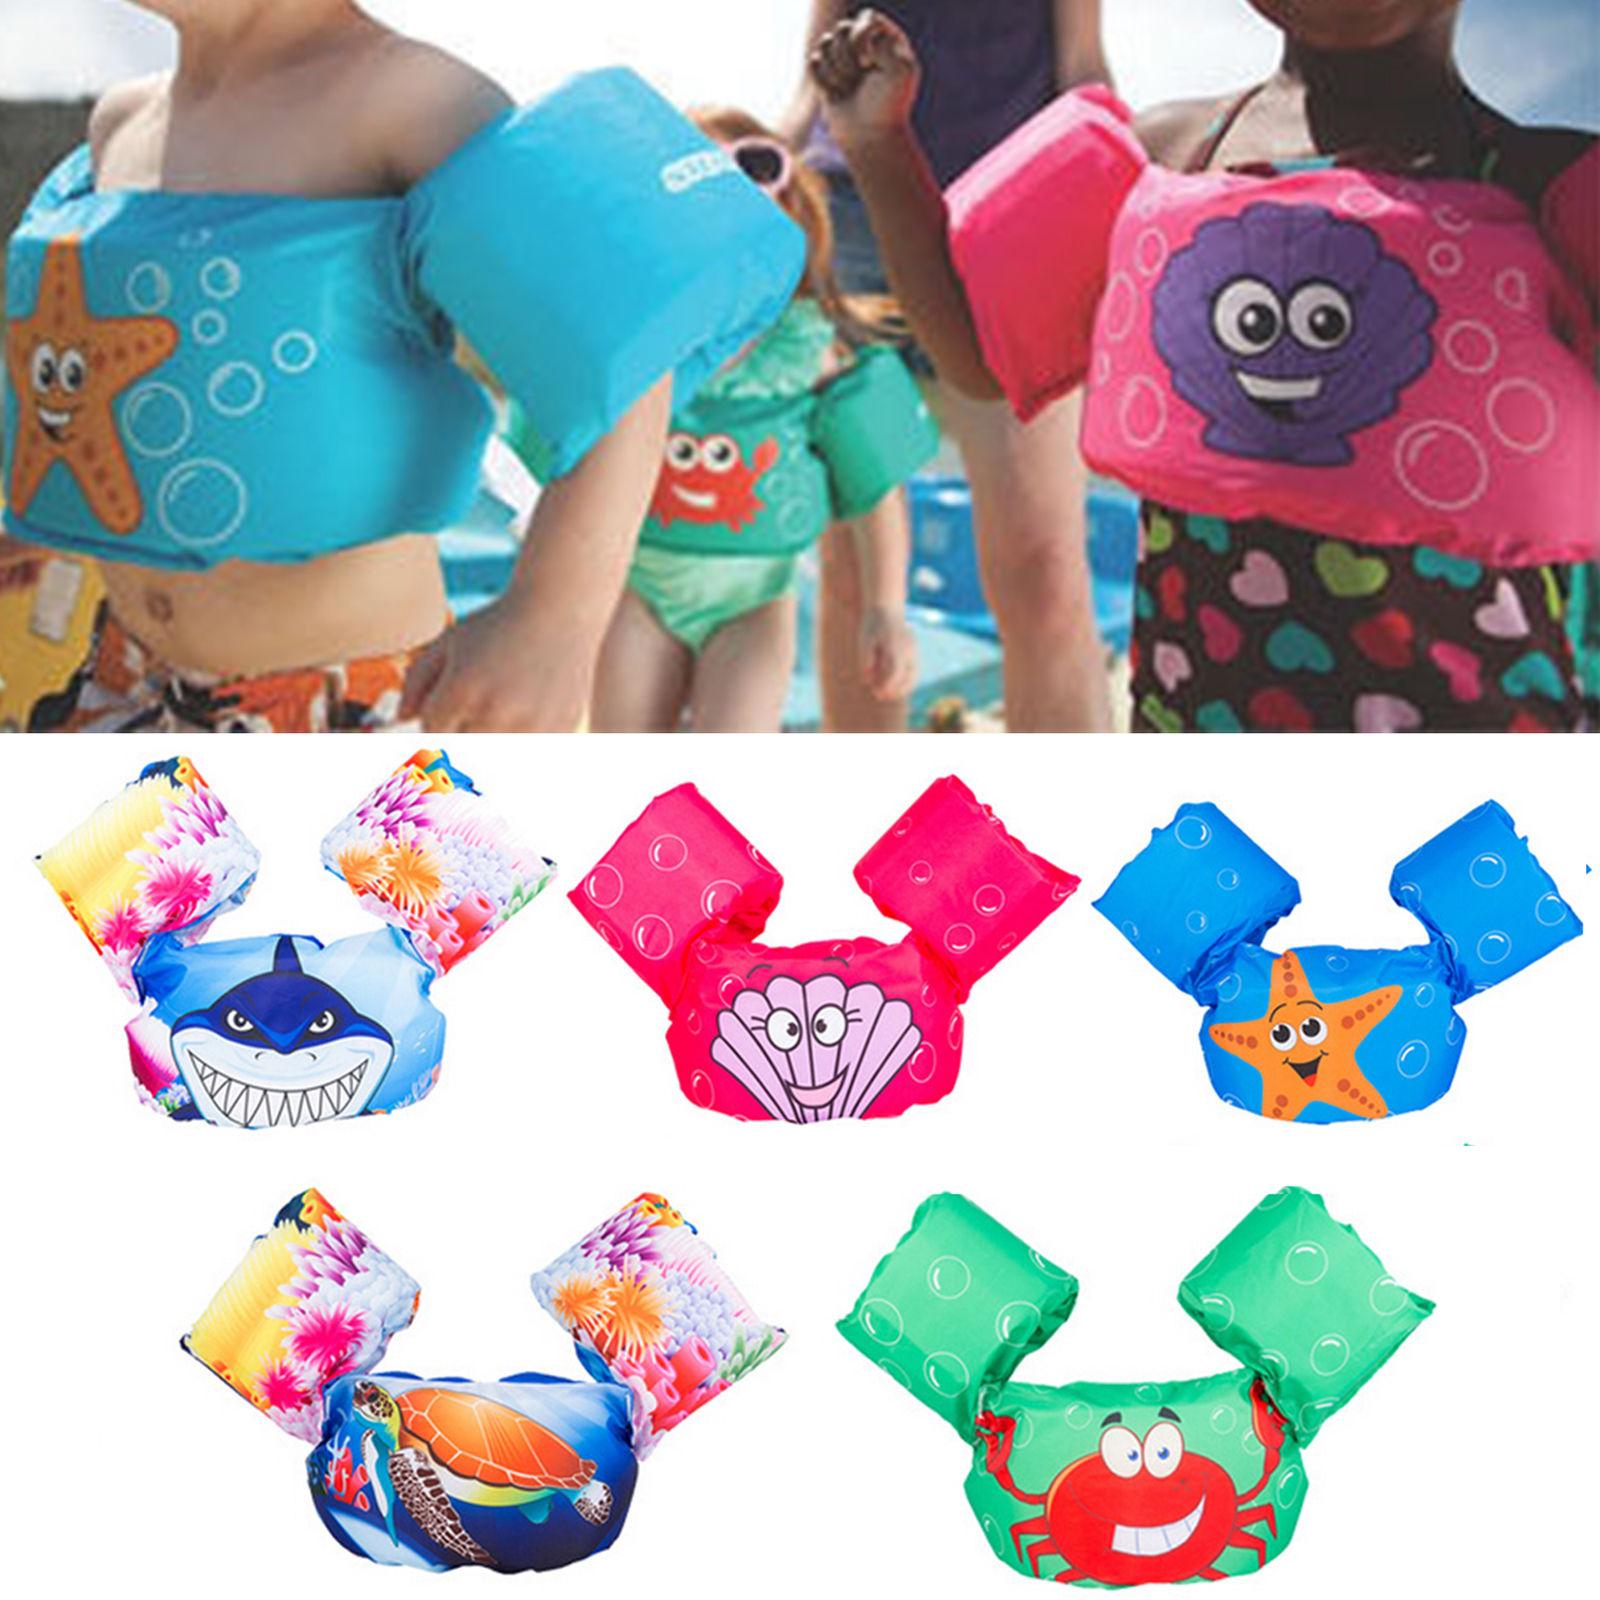 Schwimm- & Rettungswesten Puddle Jumper Schwimmen Deluxe Schwimmweste Sicherheitsweste Für Kinder Baby Spielzeug